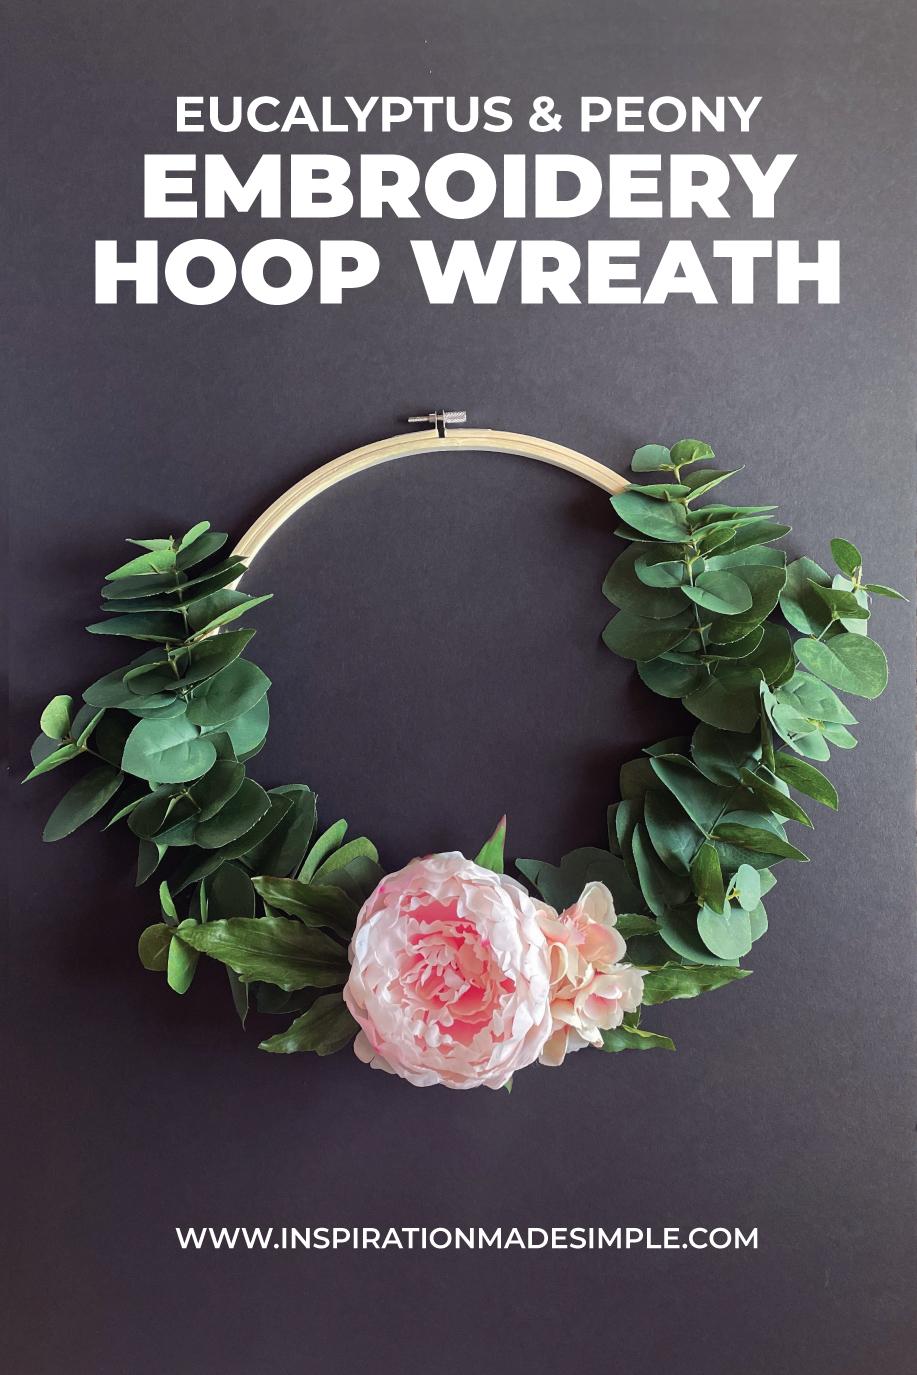 Embroidery Hoop Wreath Tutorail